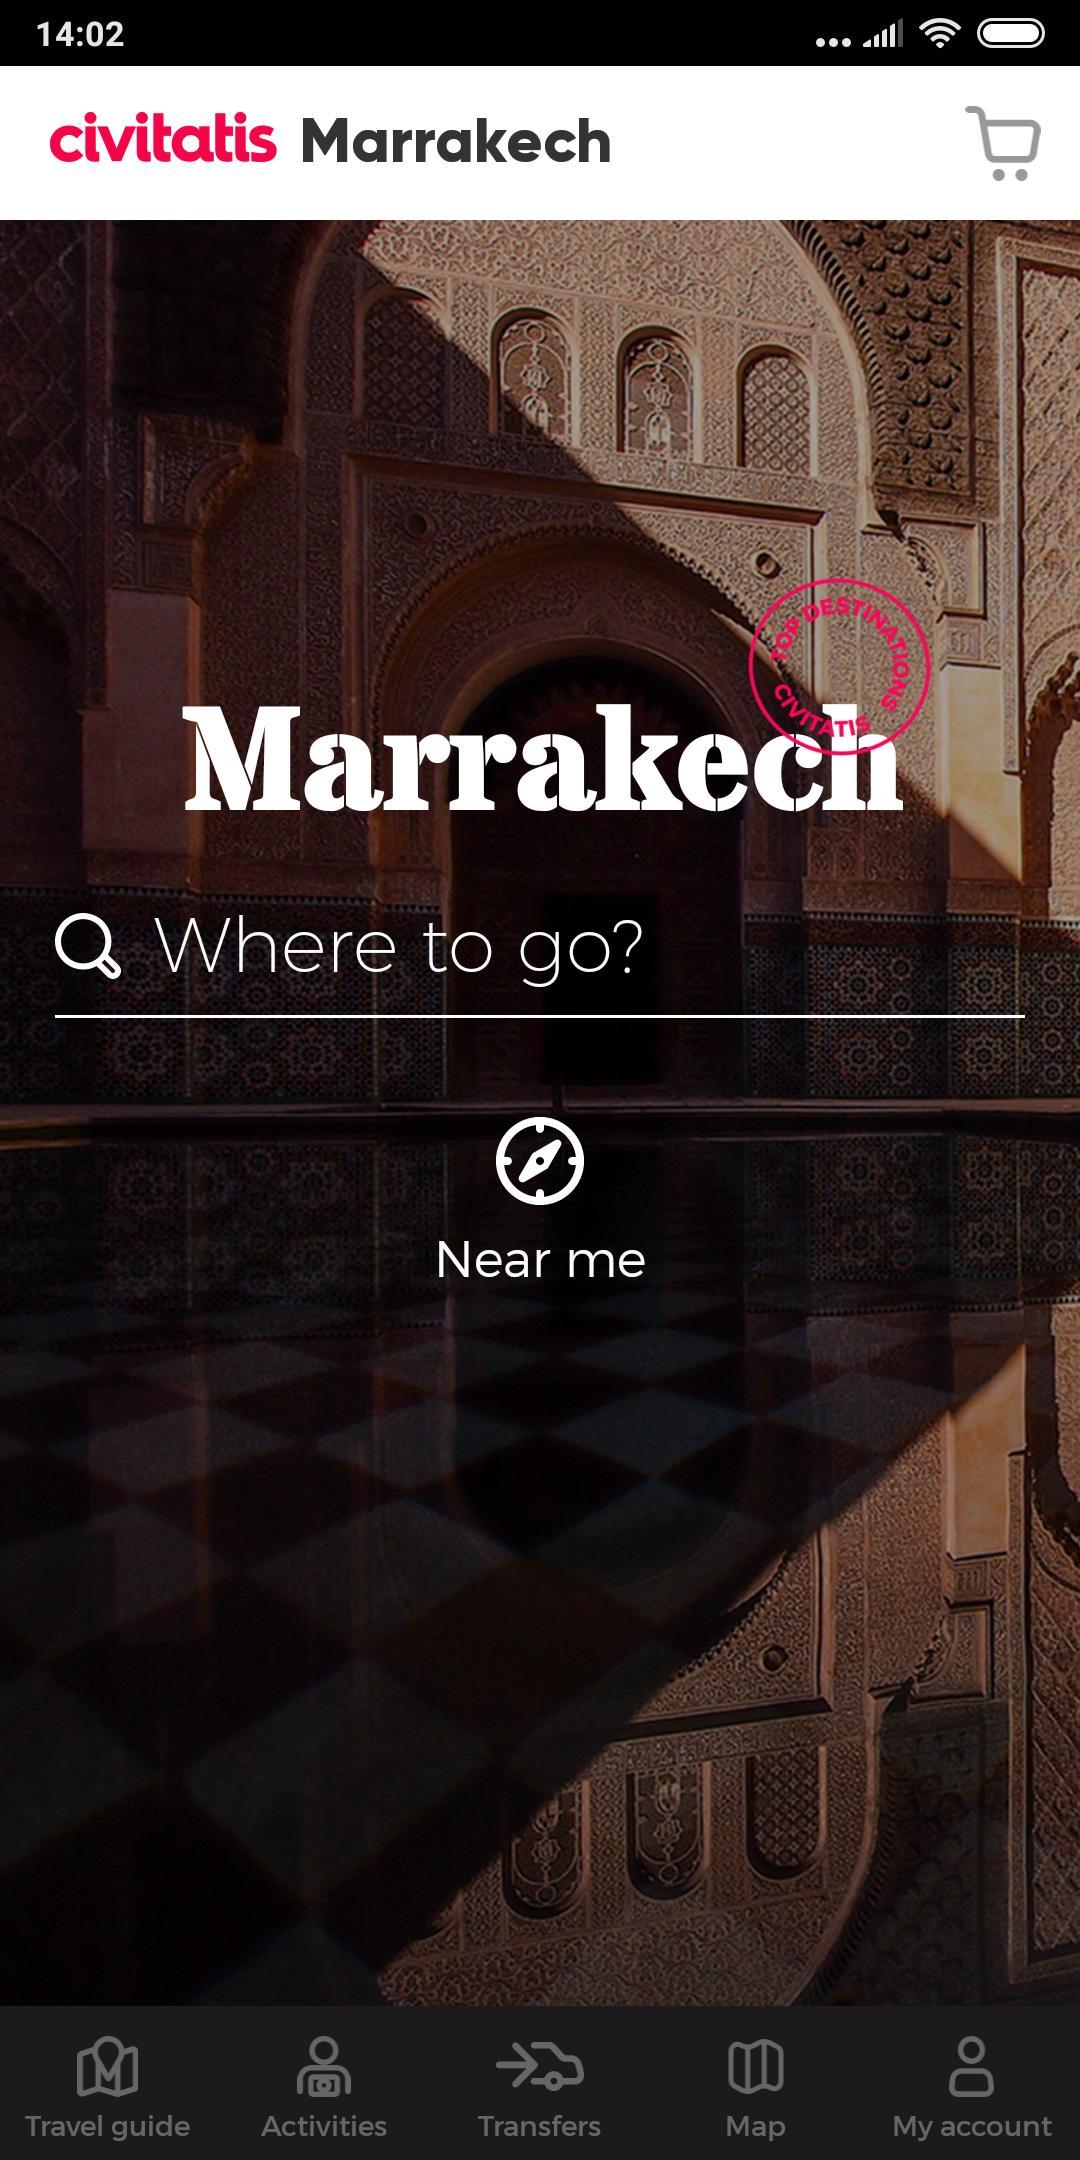 Marrakech Guide by Civitatis screenshot 1